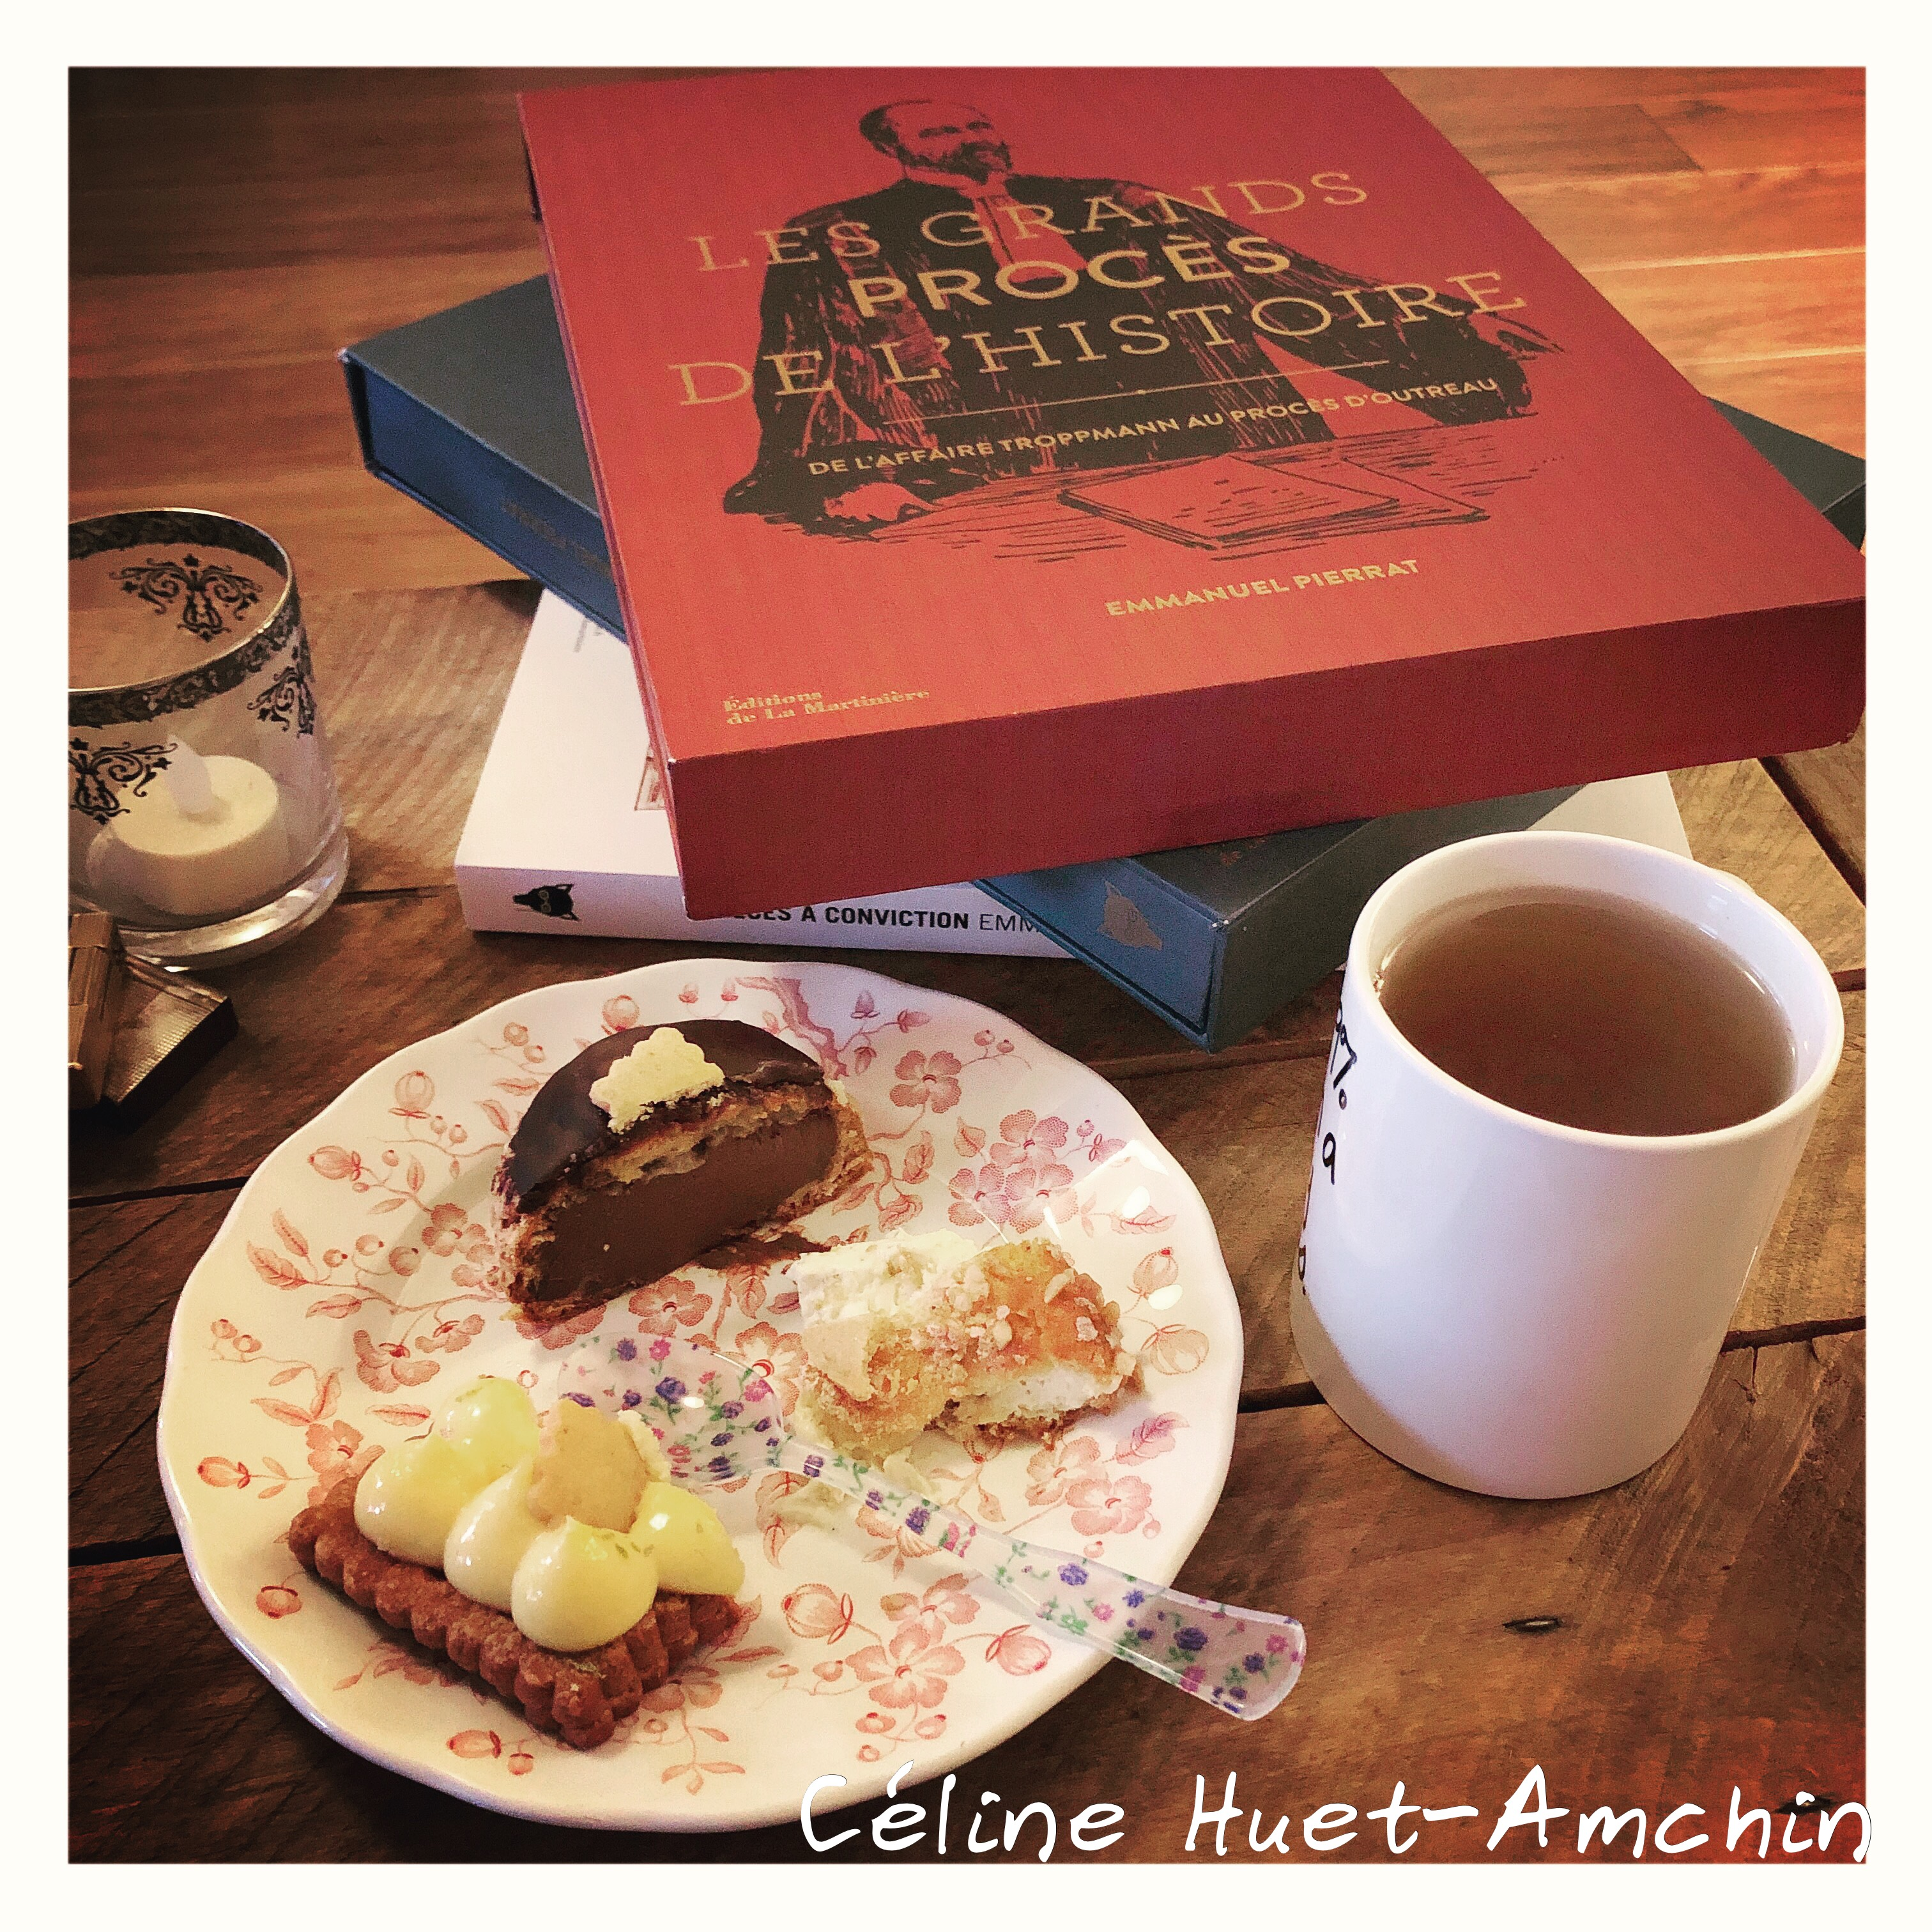 Tea Time Benoit Castel at home beaux Livres Maître Emmanuel Pierrat